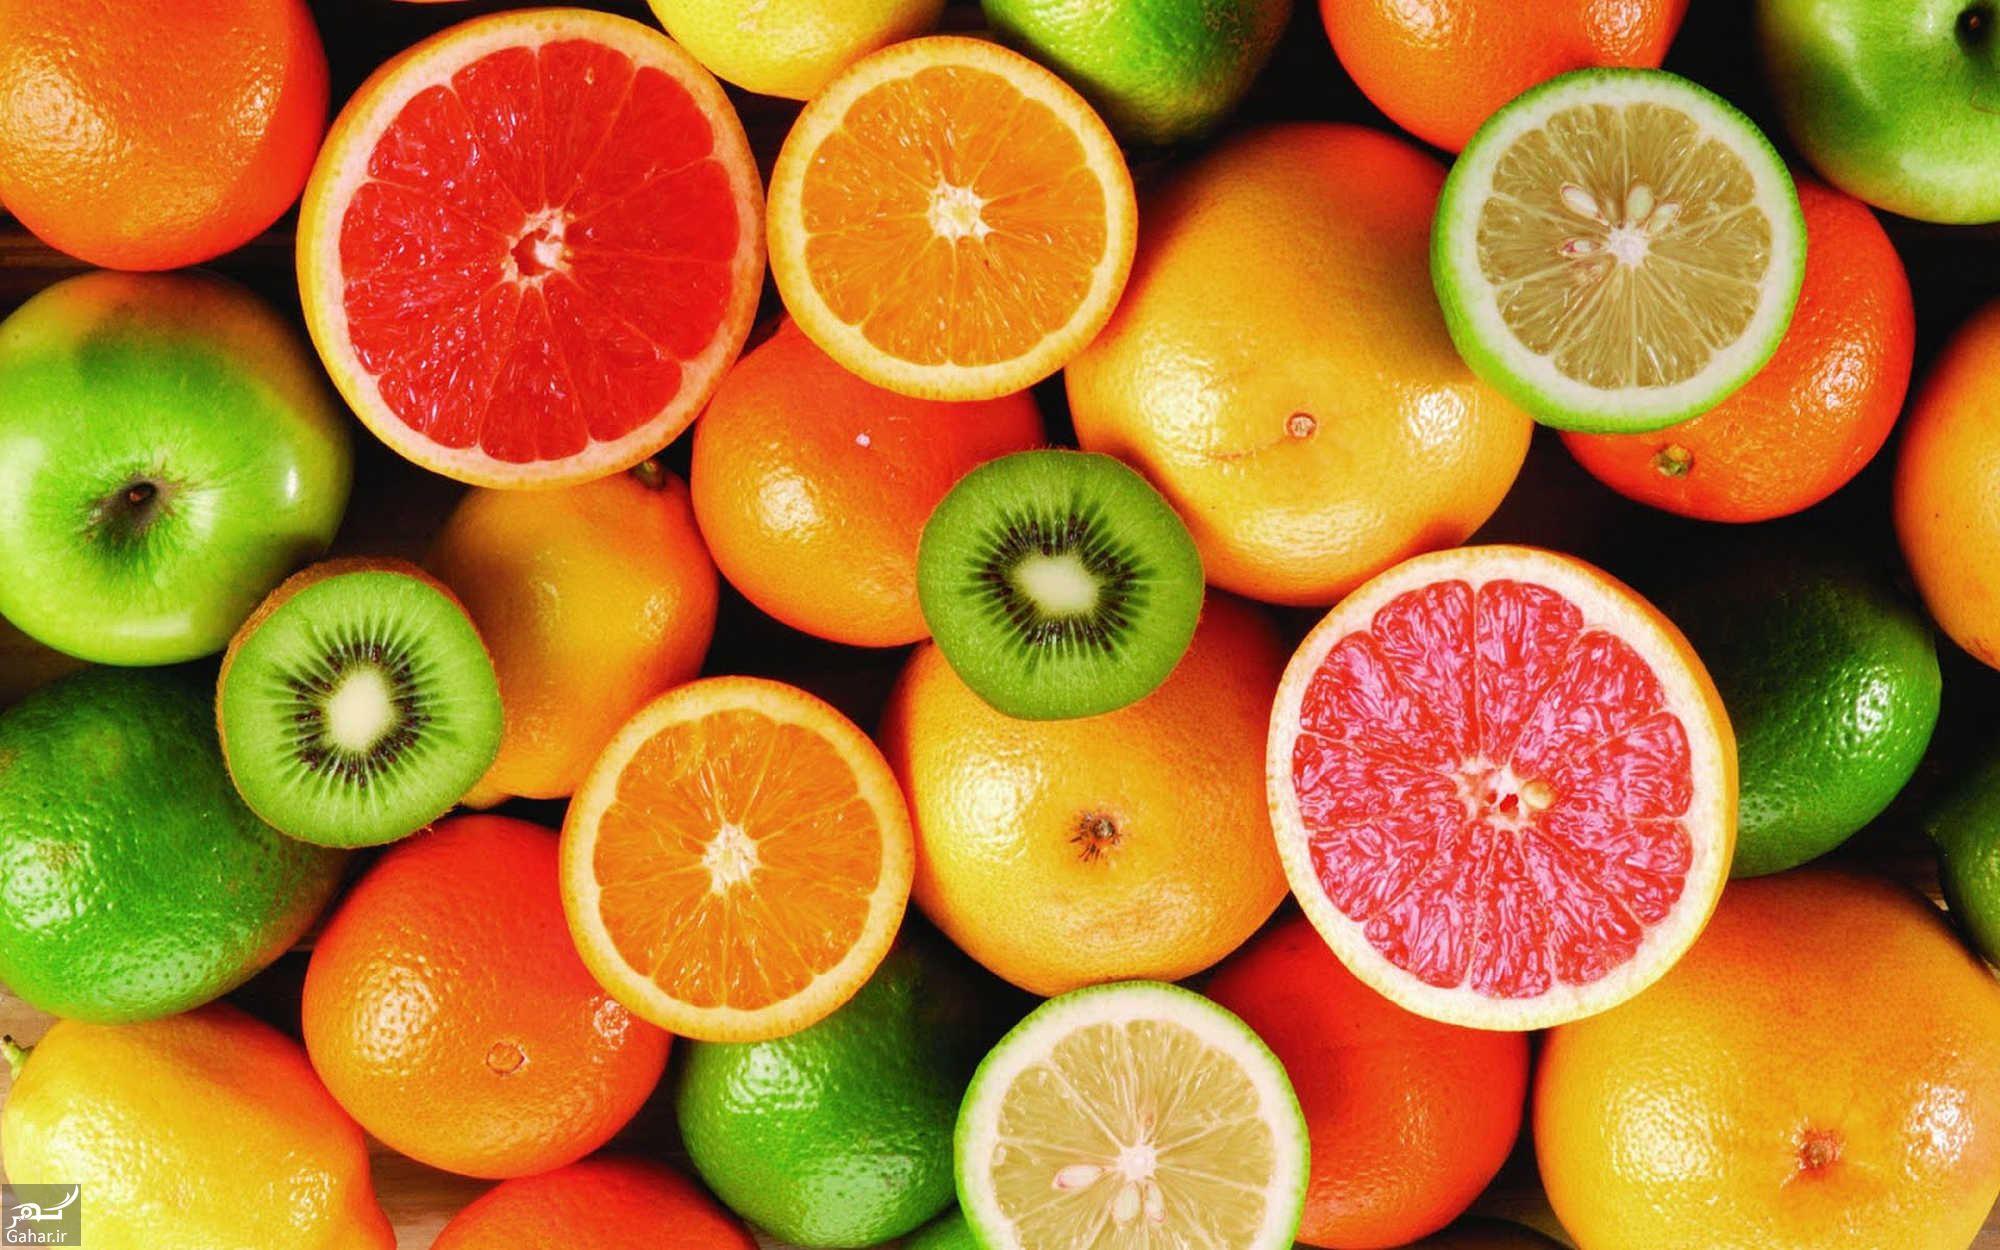 درمان غلظت خون با میوه, جدید 1400 -گهر